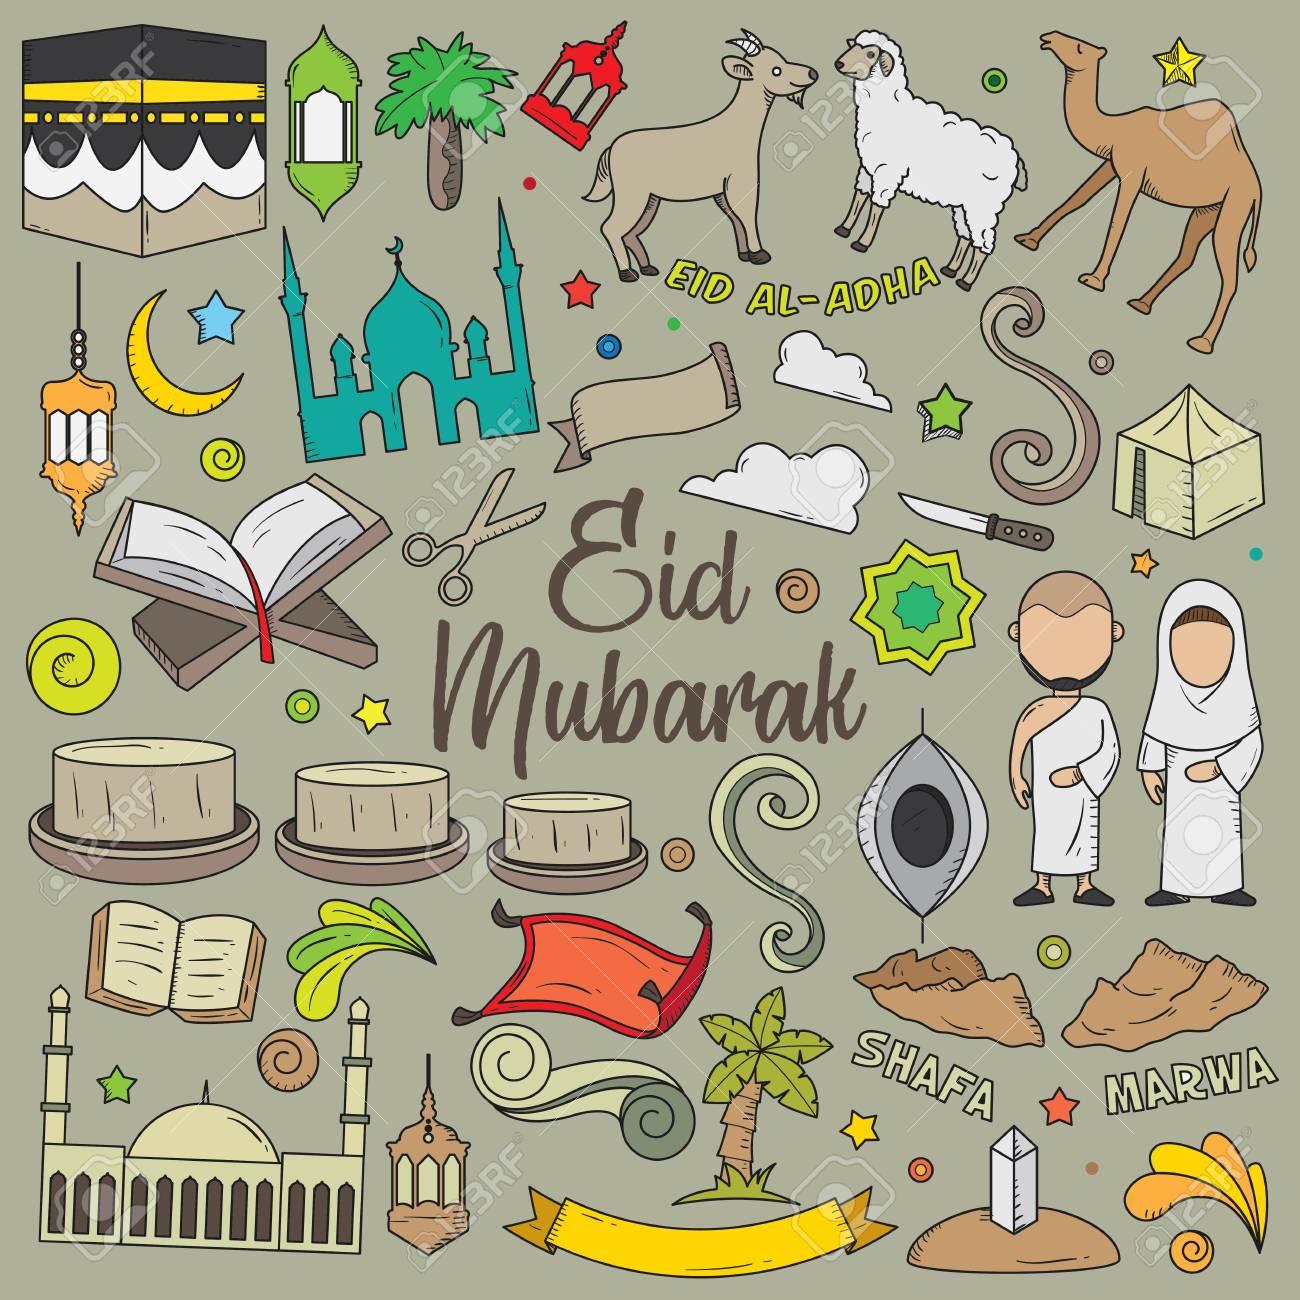 Eid al adha hand drawn sketch with gray background eid mubarak eid al adha hand drawn sketch with gray background eid mubarak doodles hajj m4hsunfo